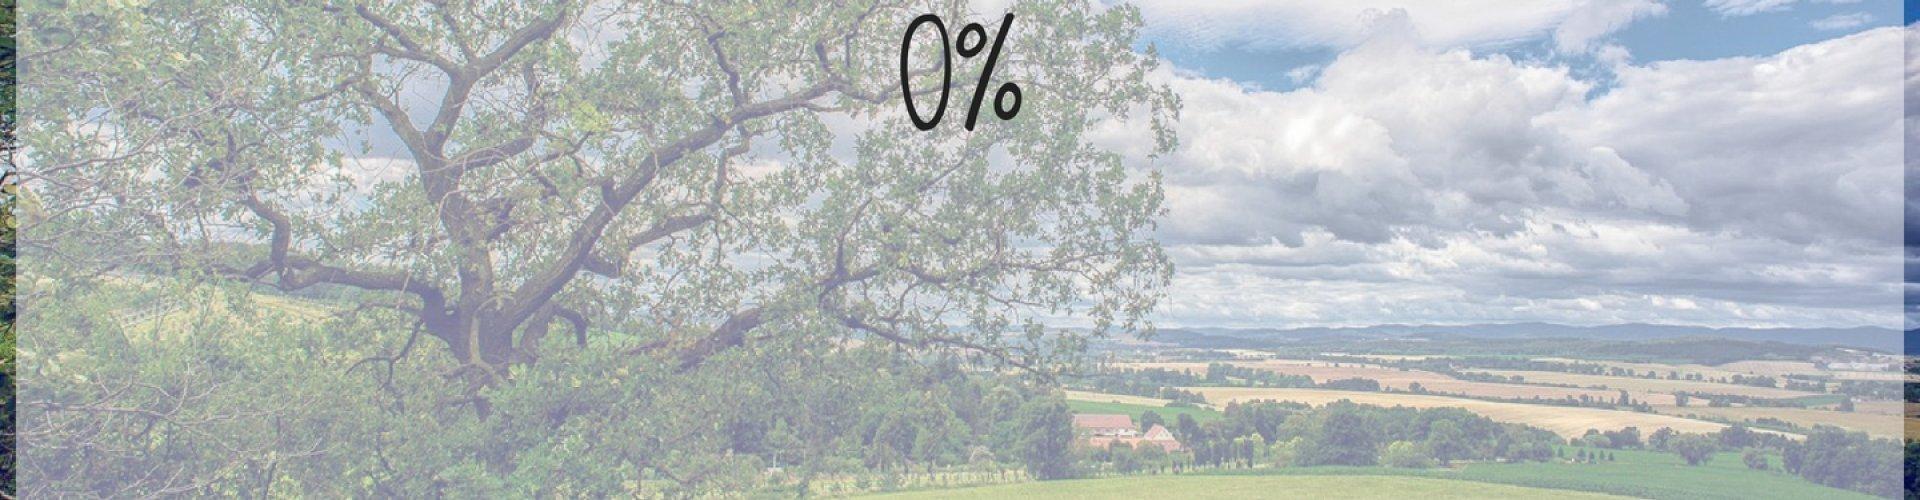 0% Przedpłaty | Oferta błyskawiczna